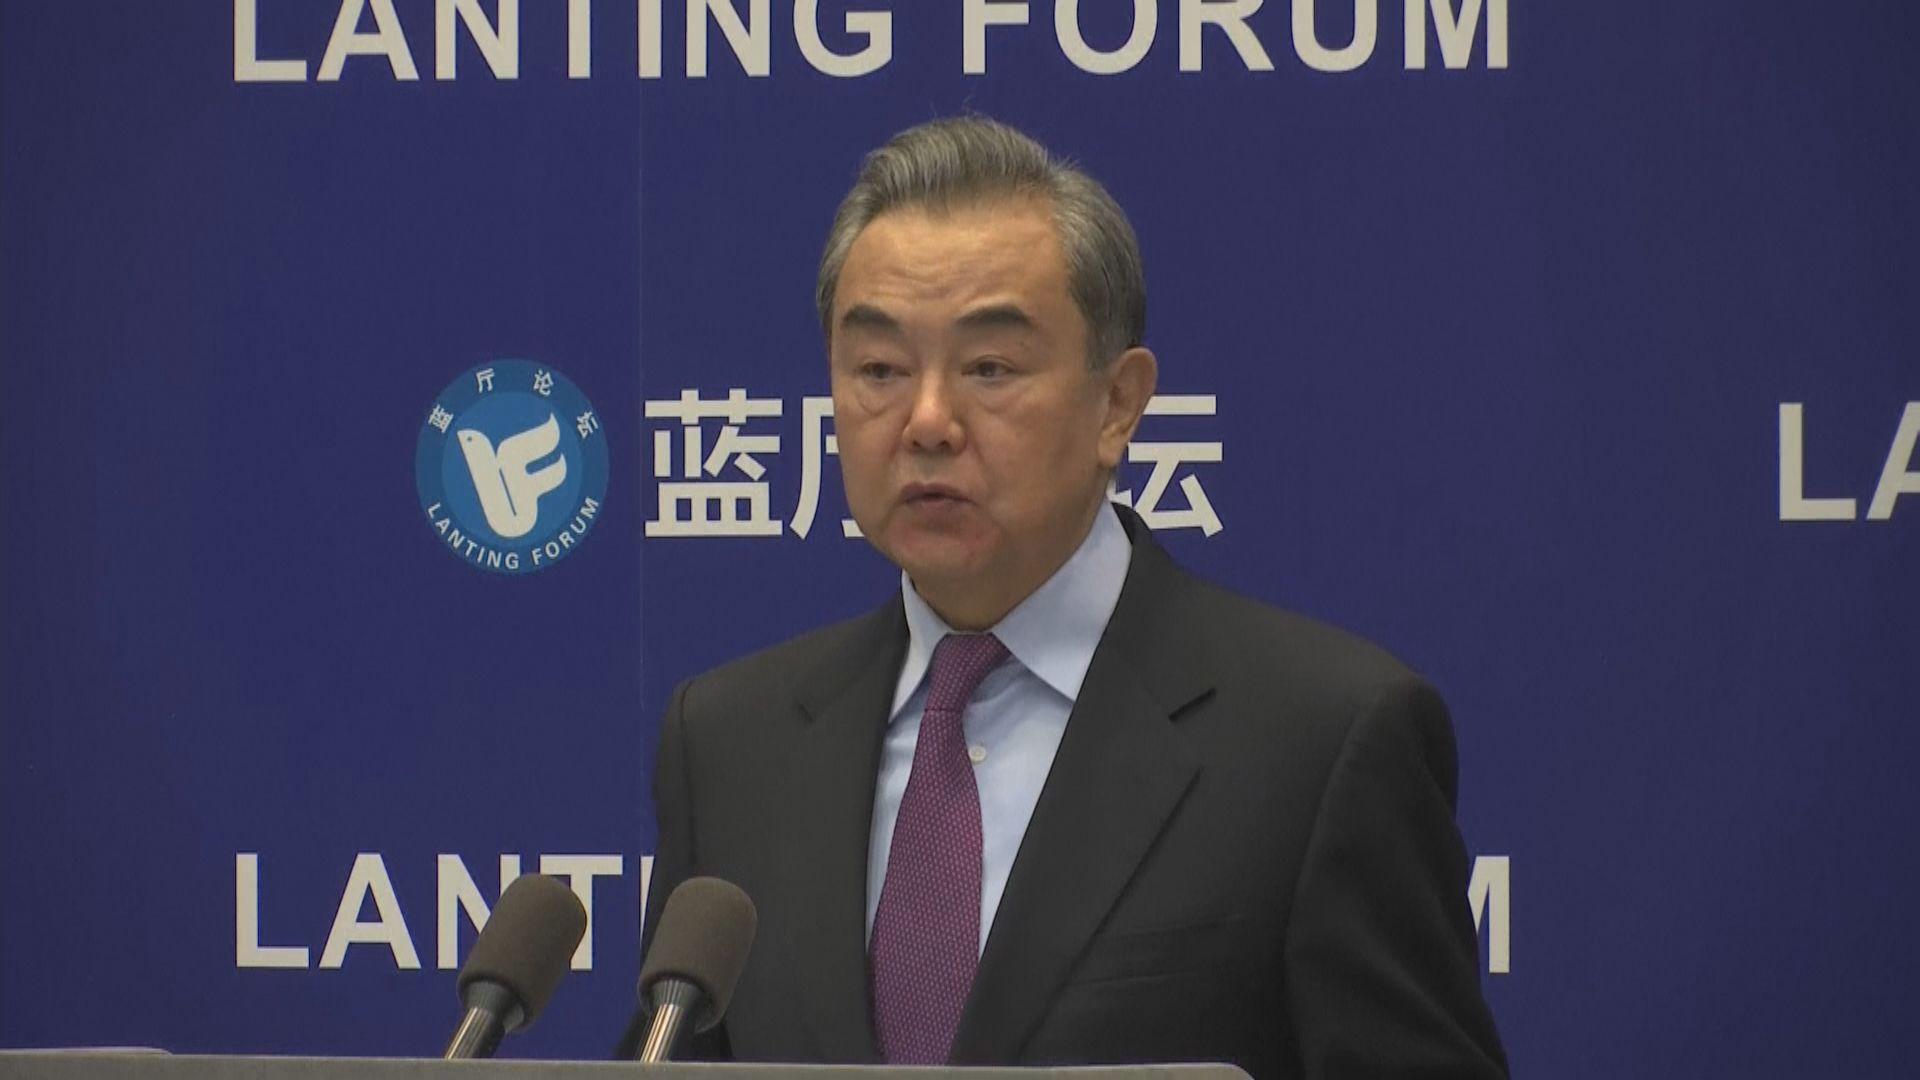 王毅:中美關係要撥亂反正重回正軌